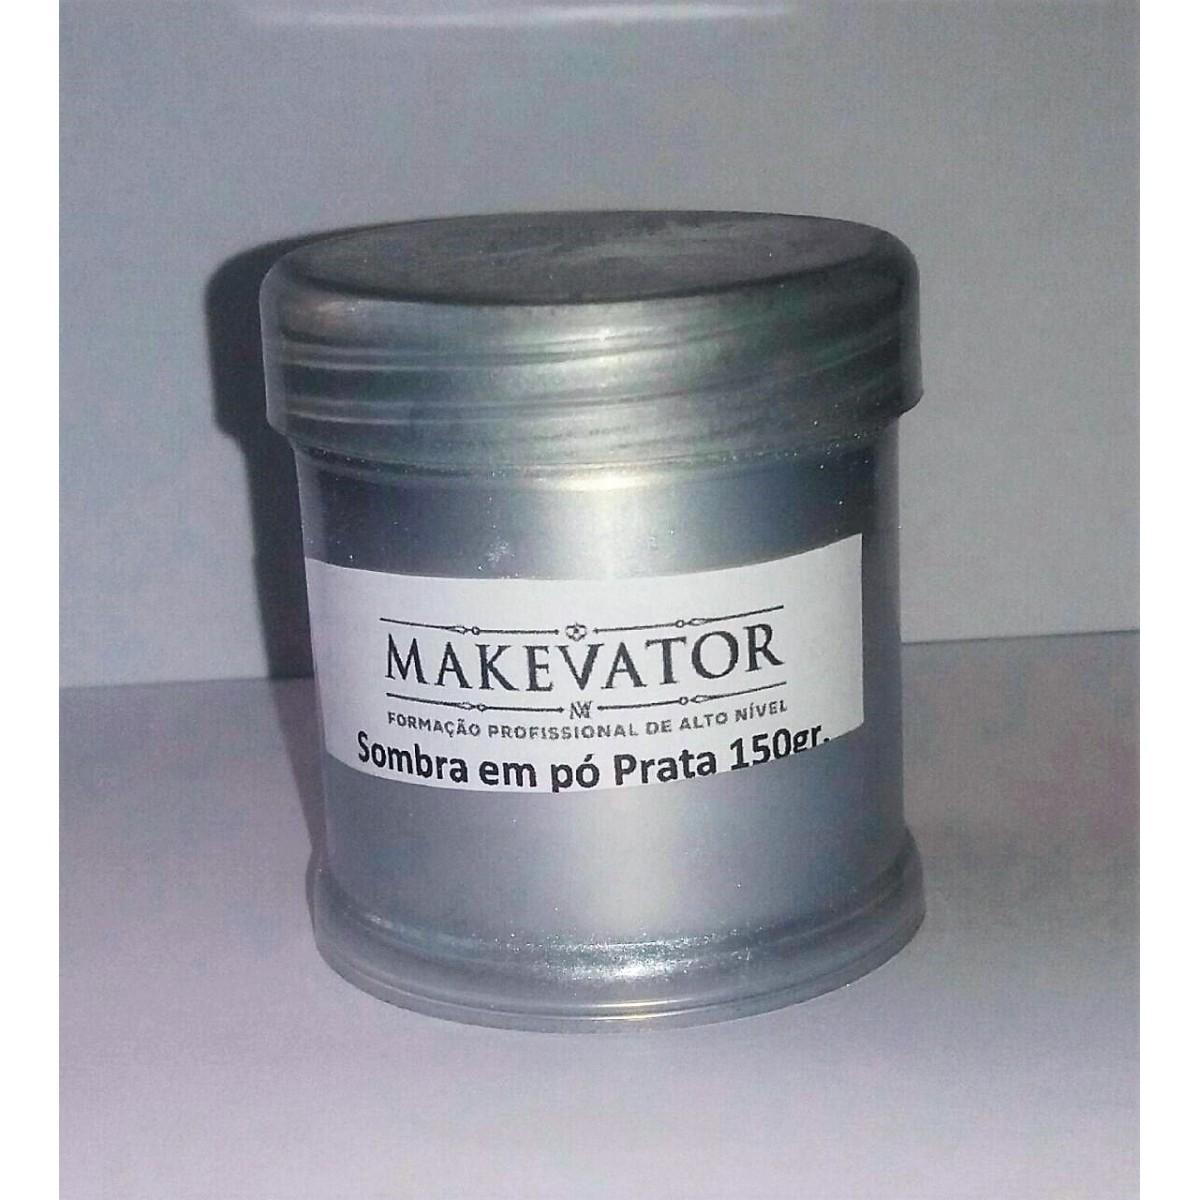 Pó  sombra em pó prata- Ultra pigmentado